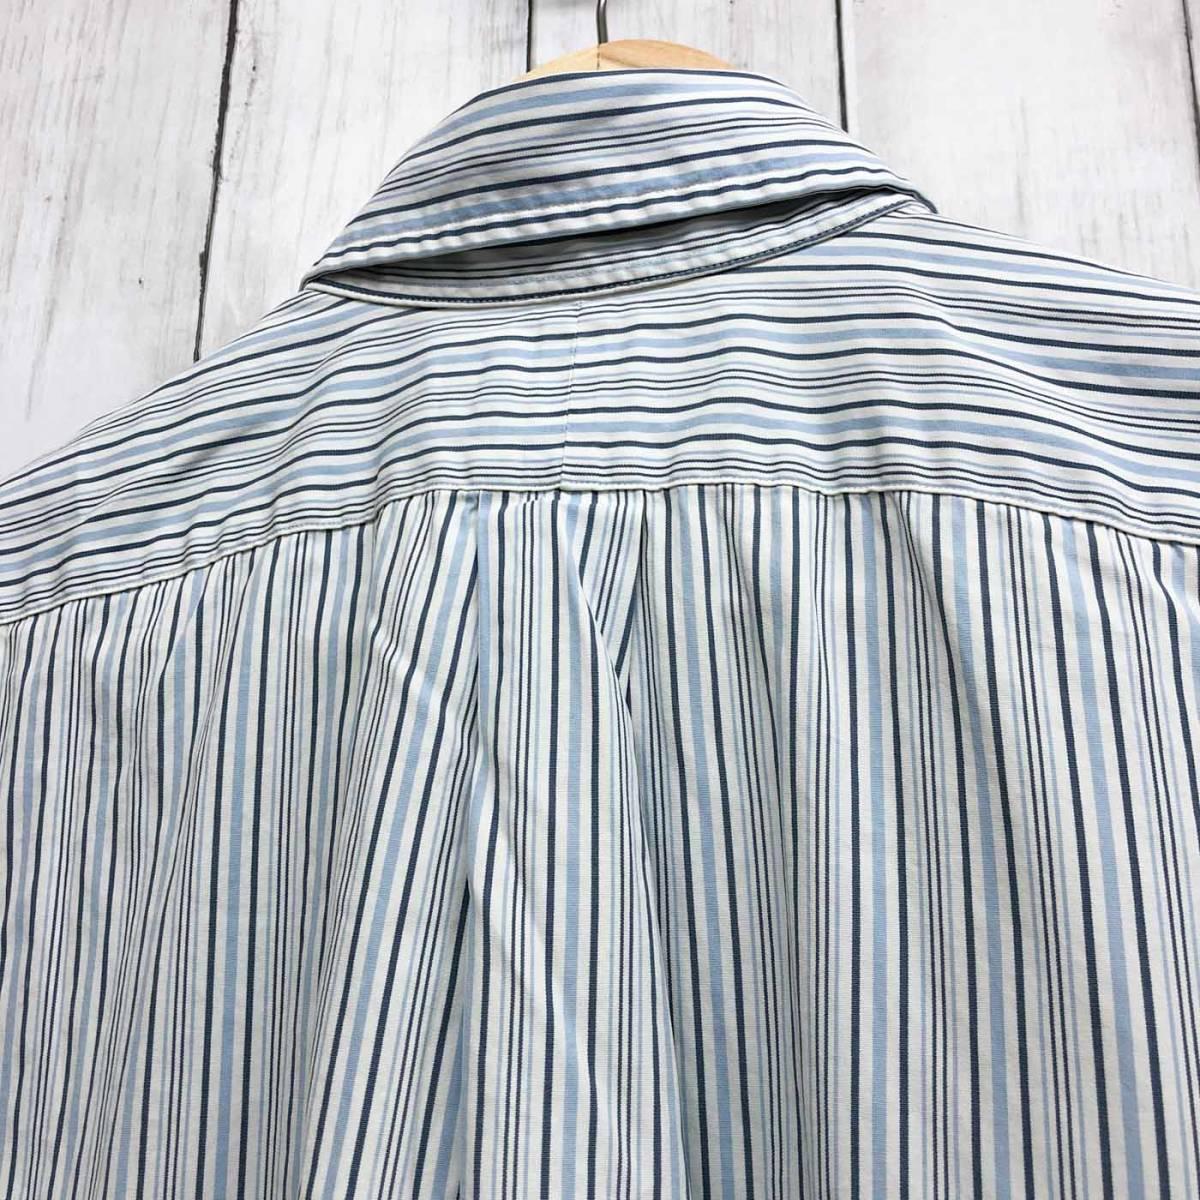 ラルフローレン POLO Ralph Lauren Polo 半袖シャツ メンズ ワンポイント サイズ15(S~Mサイズ相当) 7-177_画像10